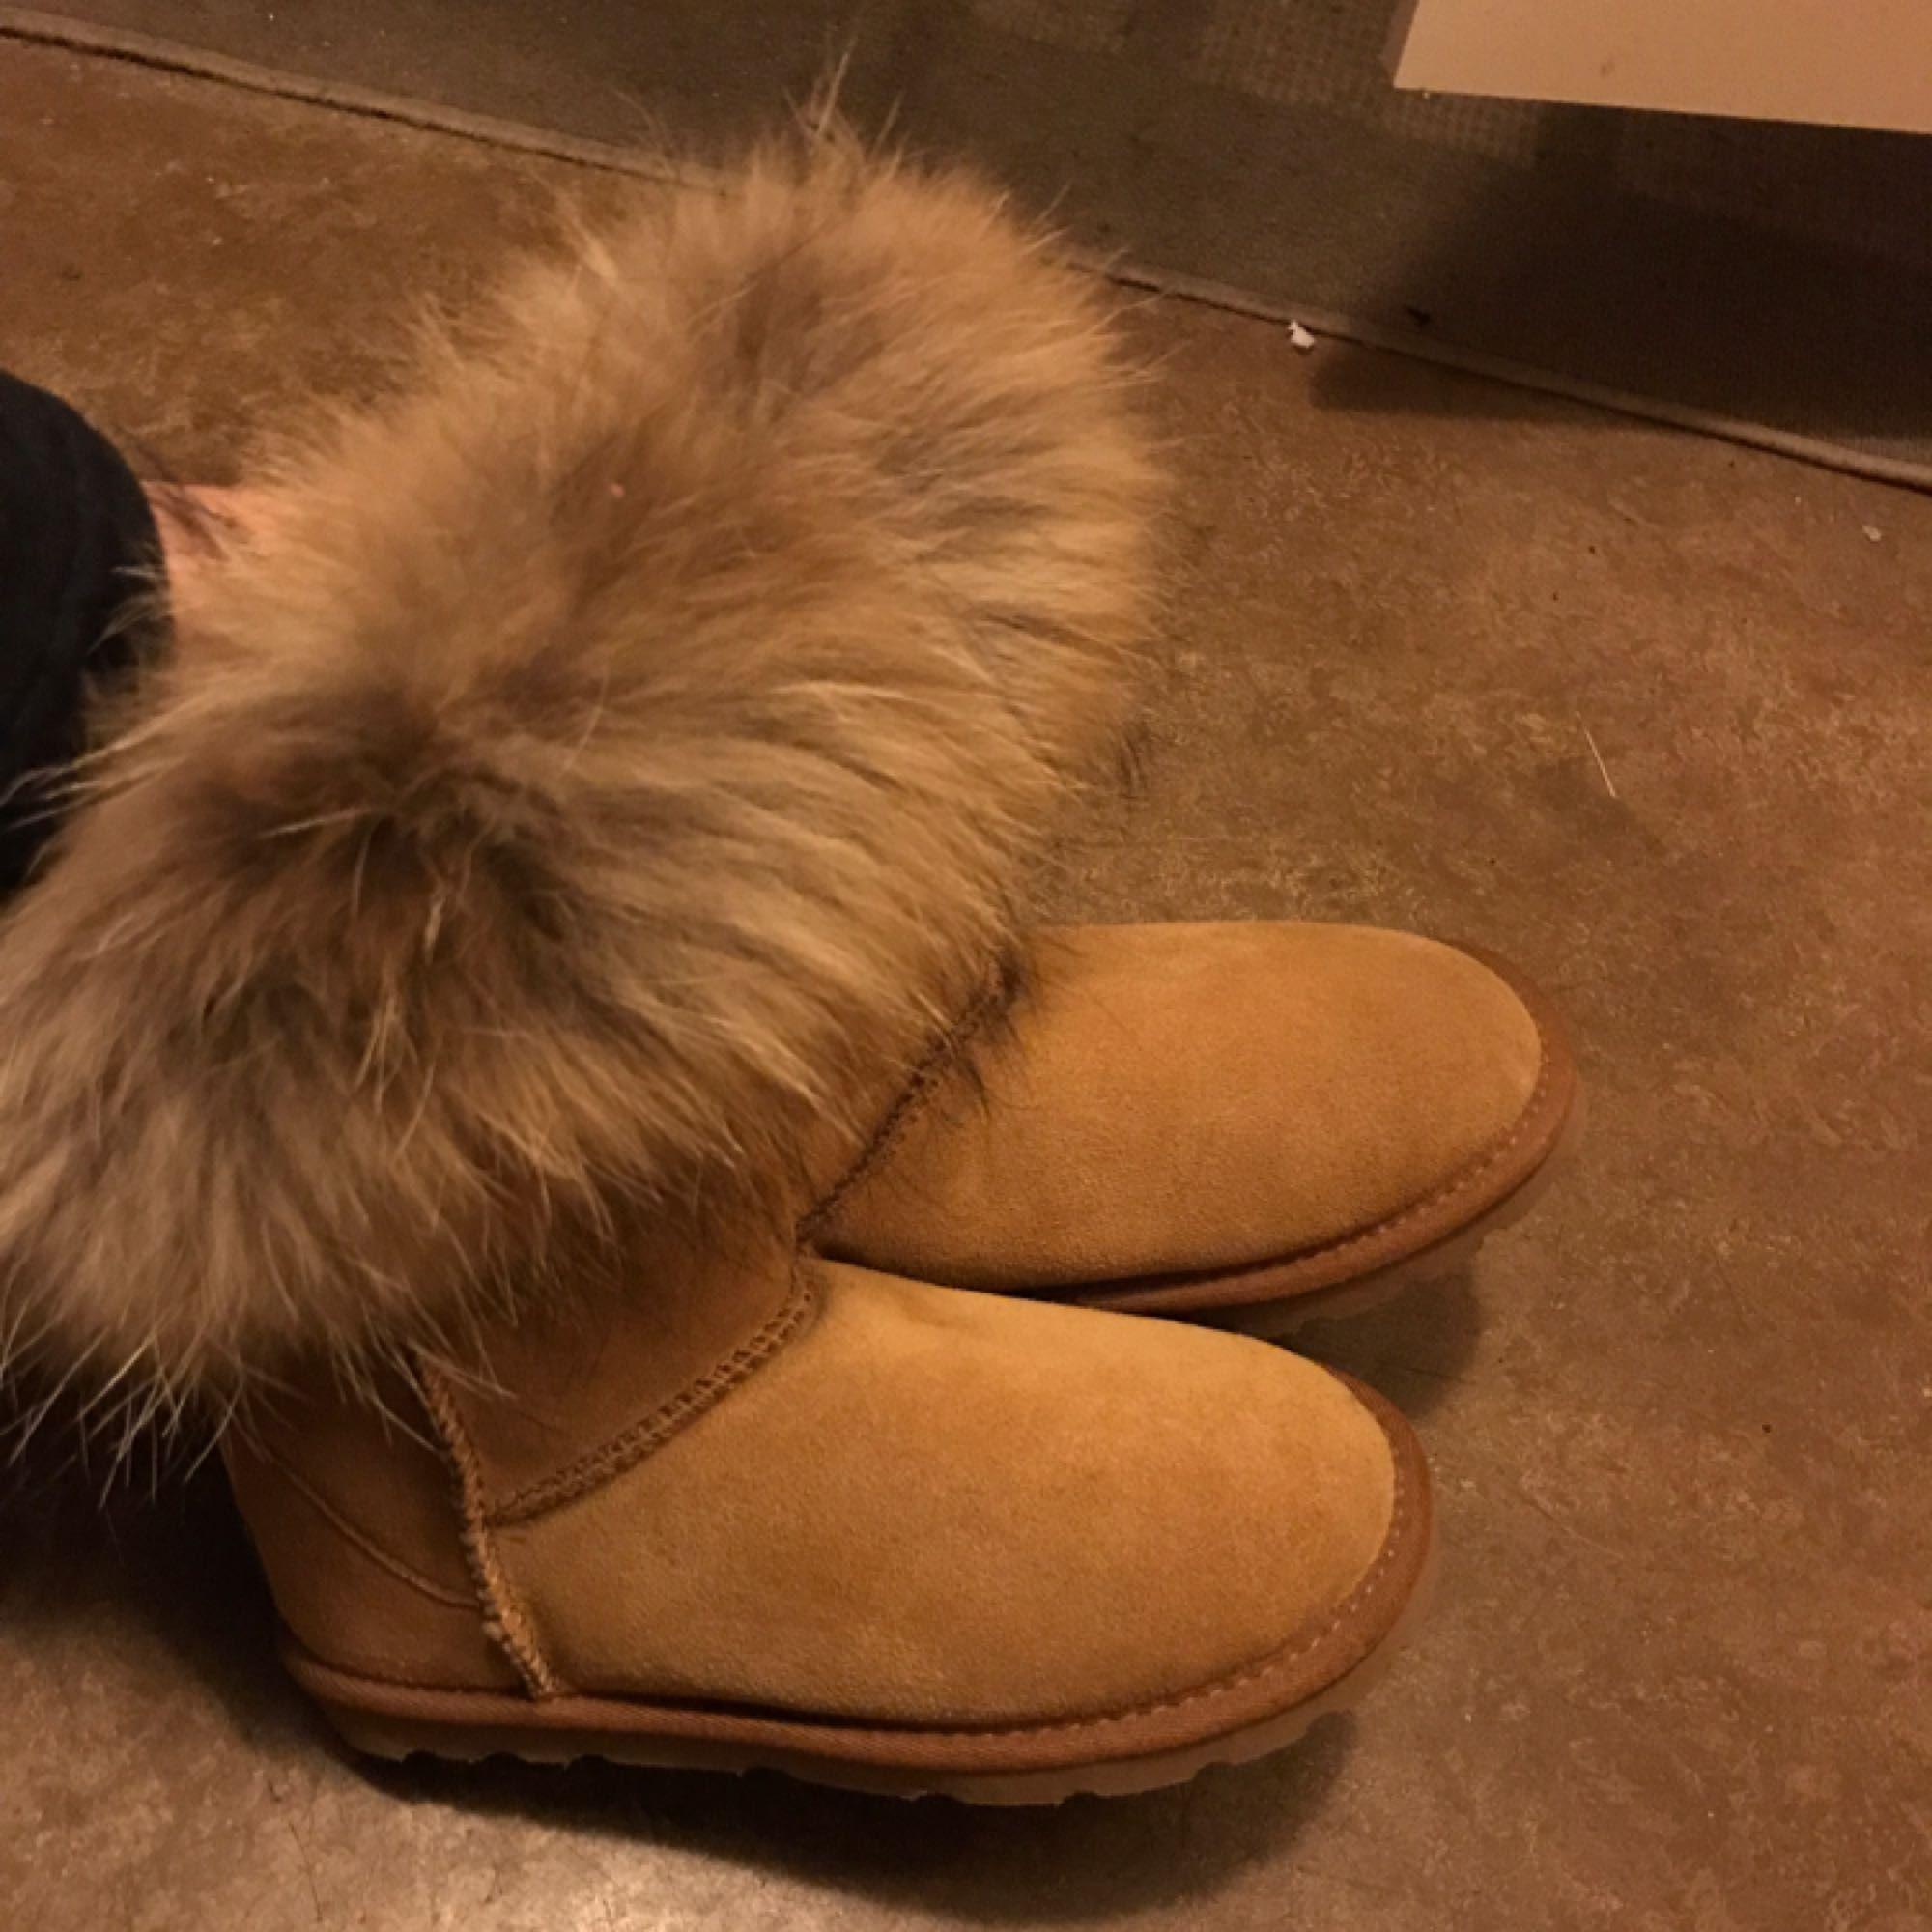 6480c07ea99 Väldigt varma och sköna skor perfekt för vintern, dem är helt nya, ...